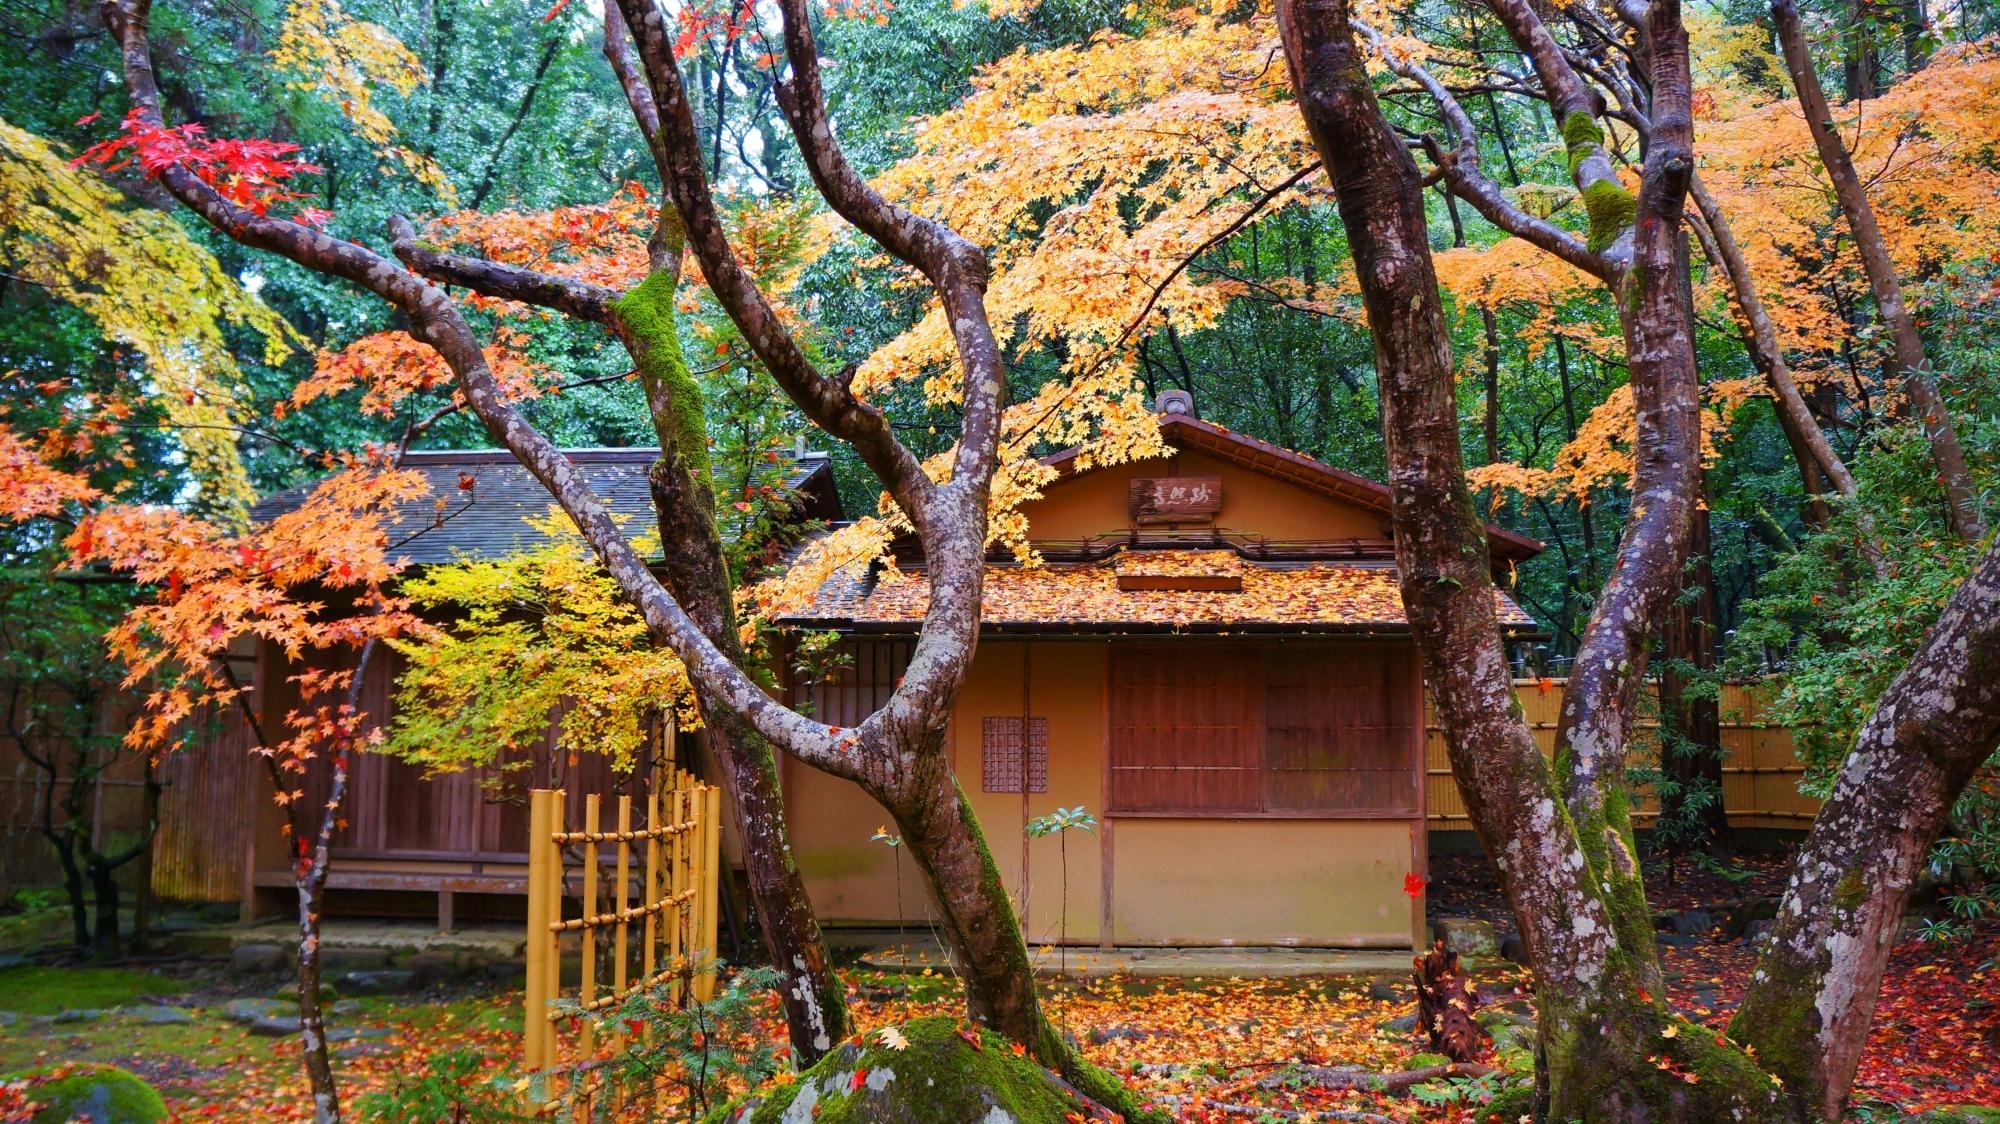 栖賢寺の淡い紅葉につつまれた茶室